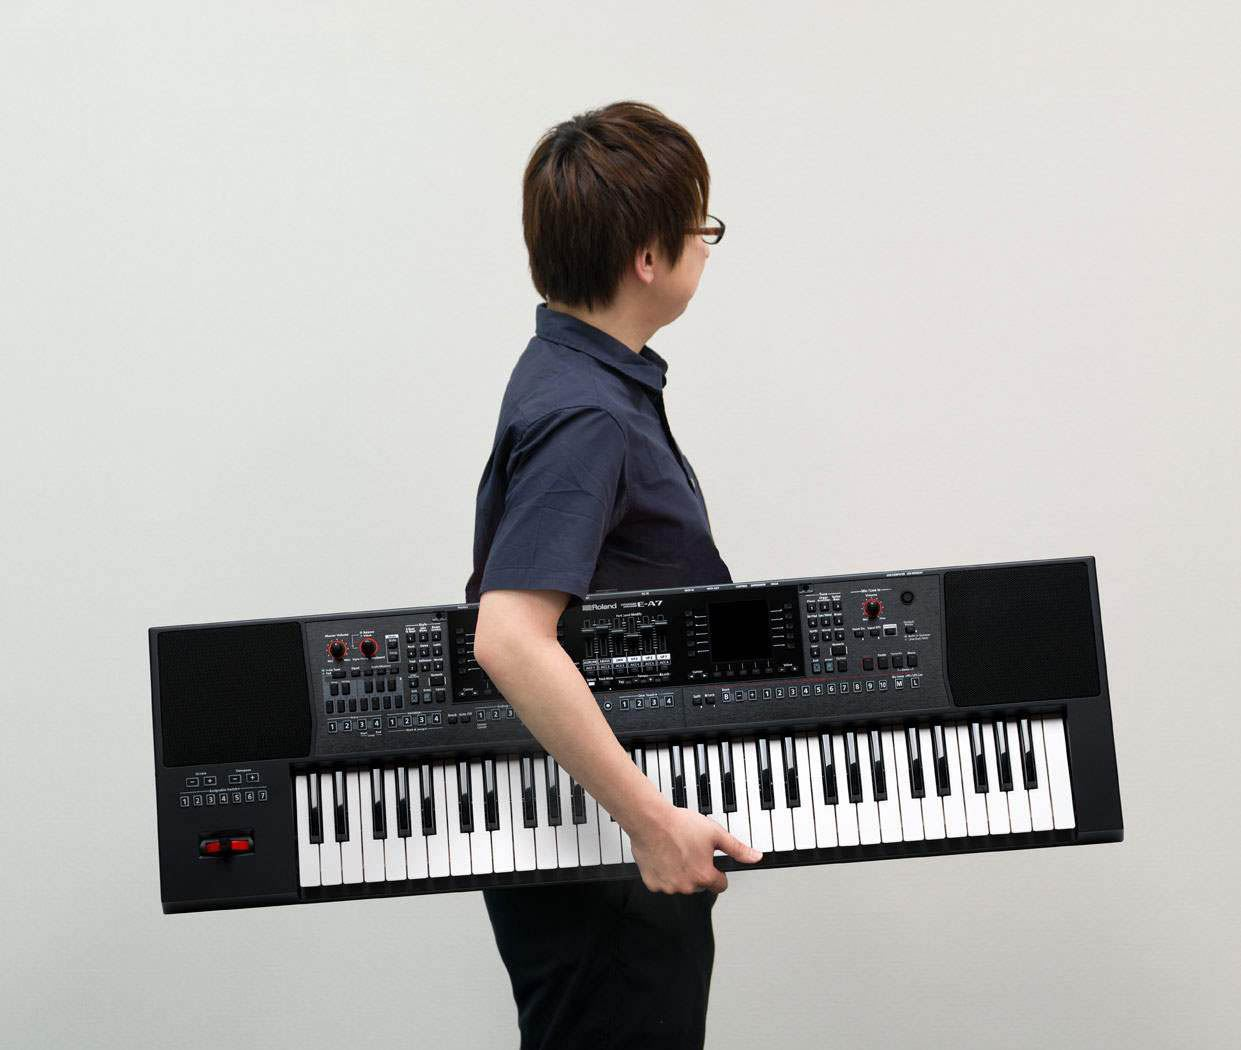 Roland E-A7 Portable